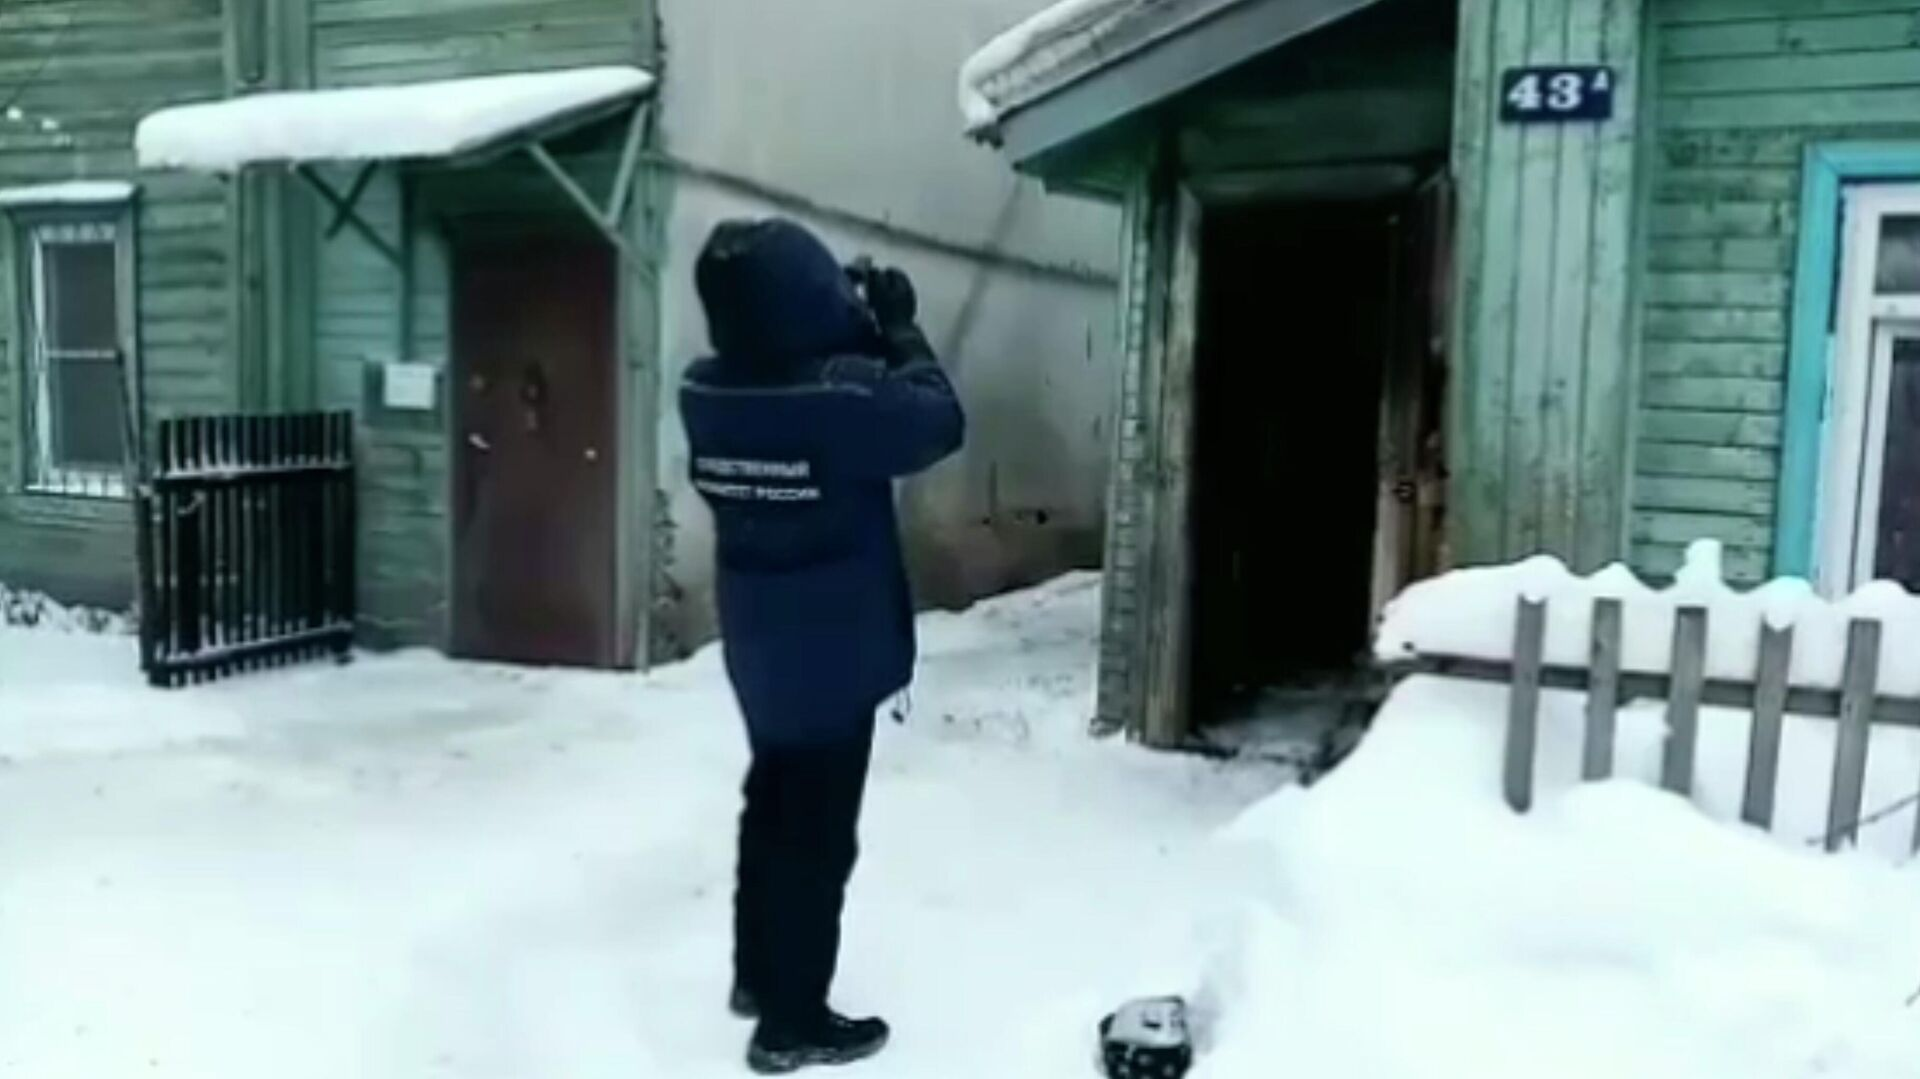 Последствия пожара в жилом доме, расположенном по улице Большевиков города Твери - РИА Новости, 1920, 16.01.2021